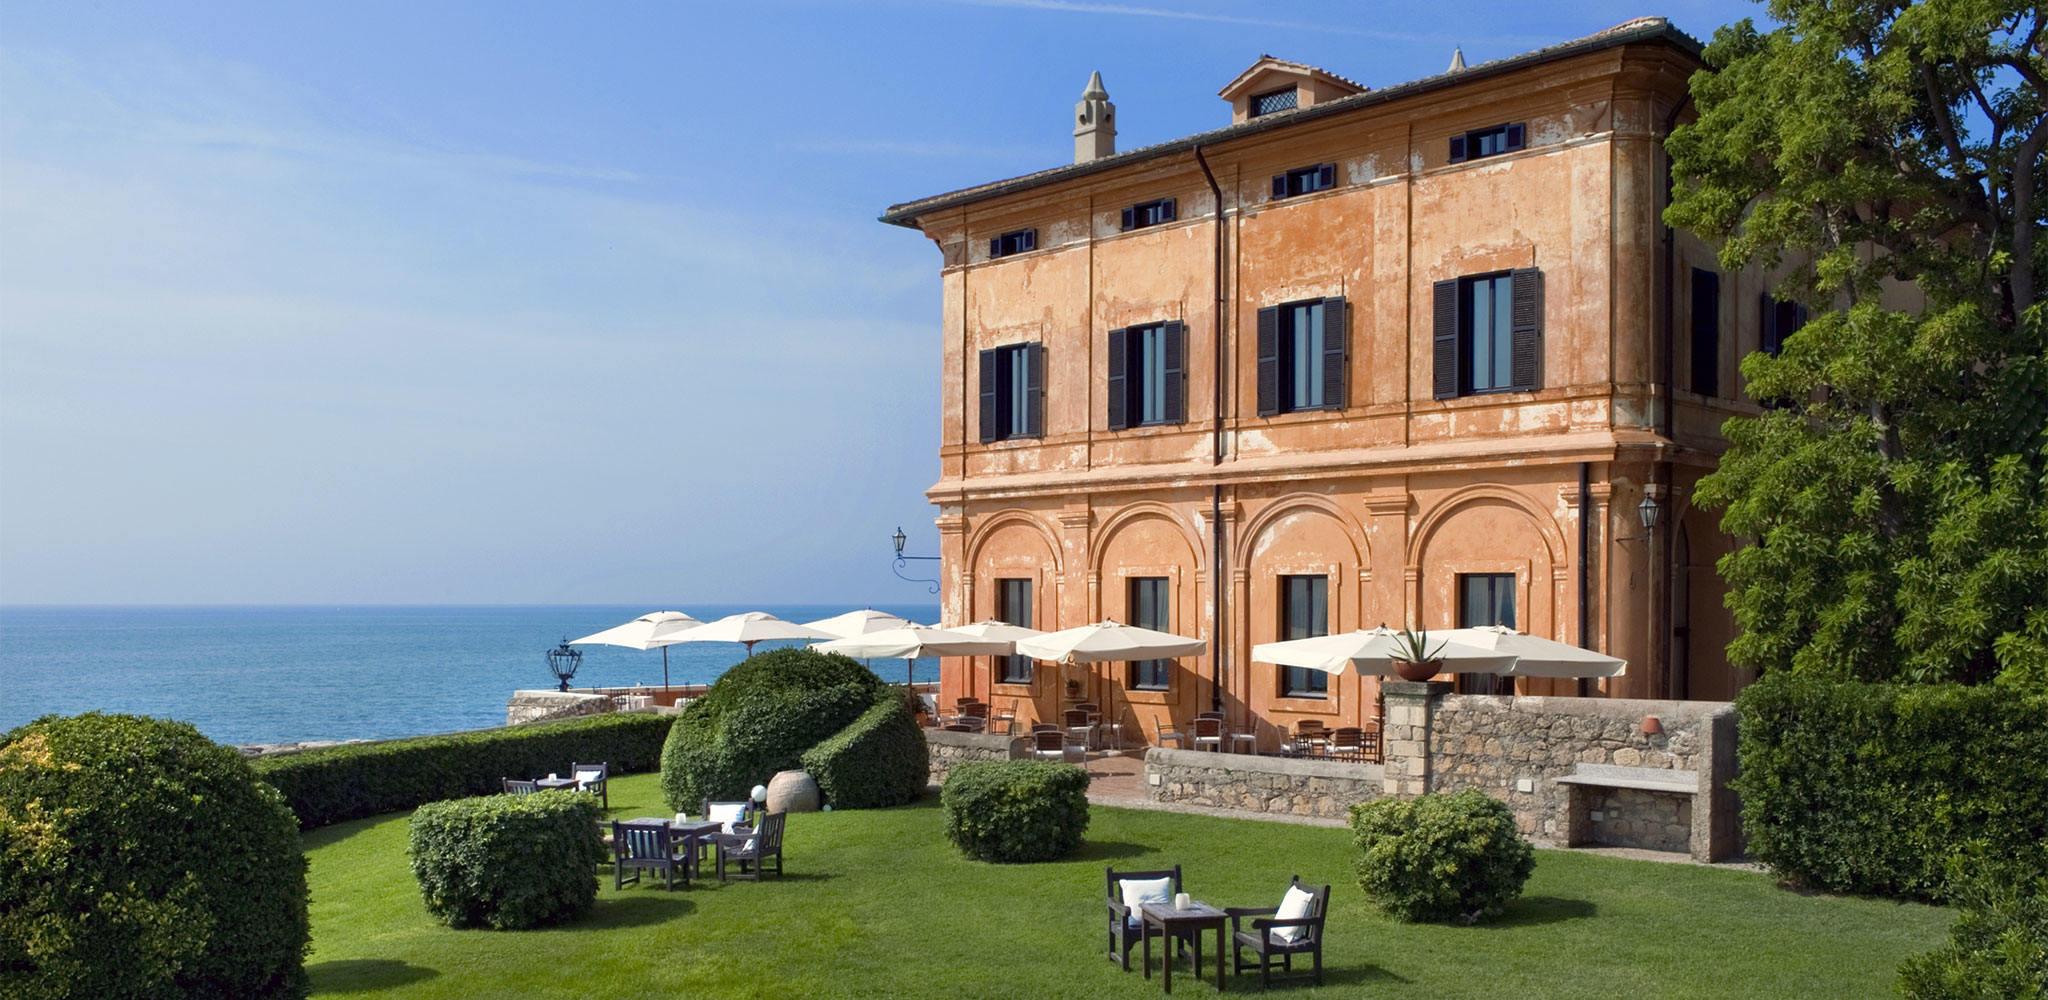 beach-club-five-star-luxury-hotel-rome-la-posta-vecchia-Exclusive-use